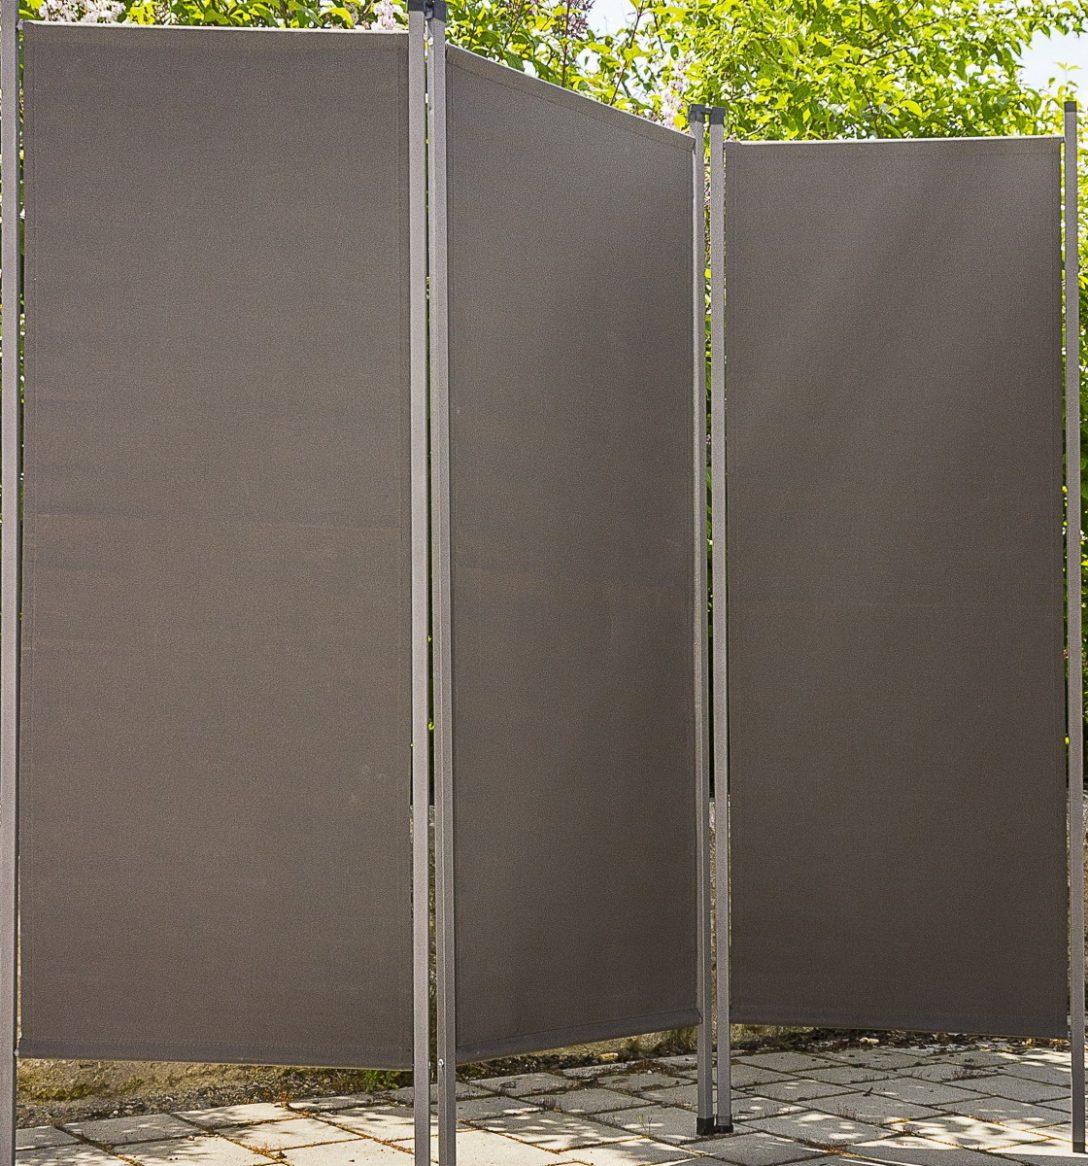 Large Size of Paravent Outdoor Glas Polyrattan Holz Amazon Metall Ikea Bambus Garten Balkon Anthrazit Stoff Sichtschutz Windschutz Küche Edelstahl Kaufen Wohnzimmer Paravent Outdoor